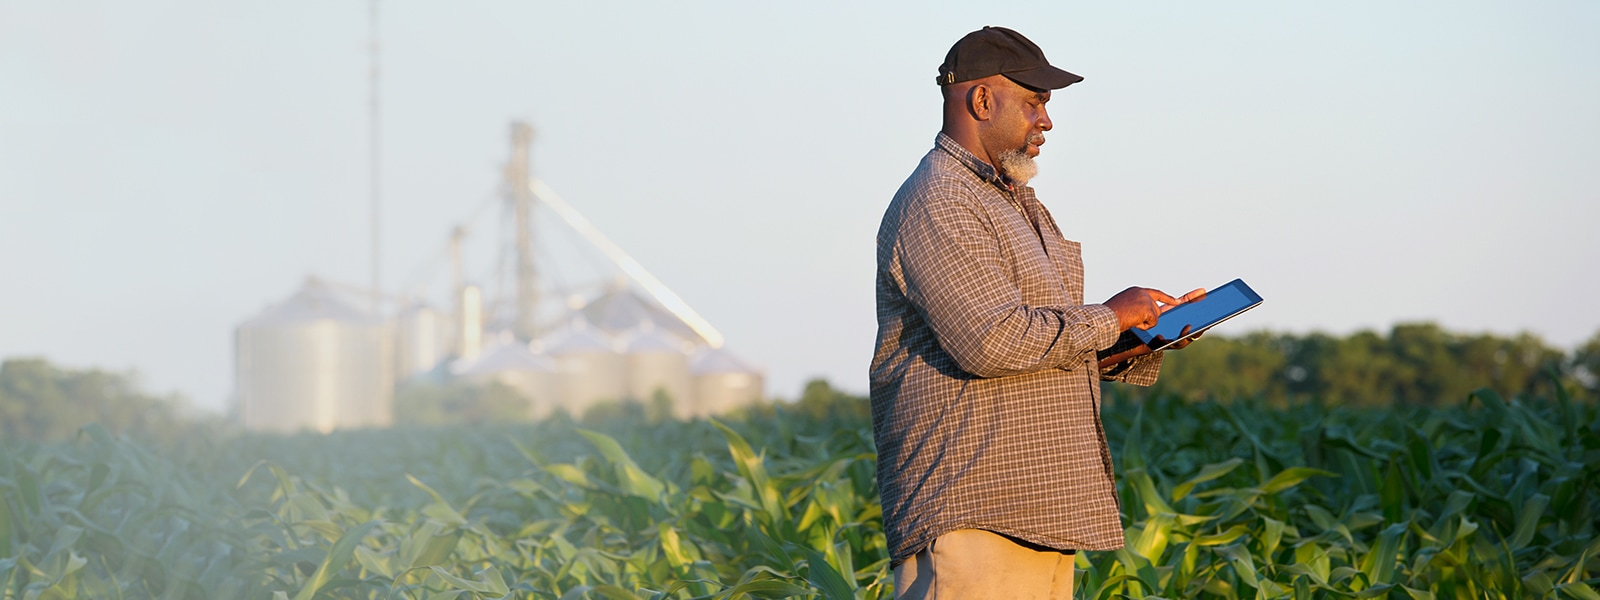 Farmer holding a digital tablet in a crop field.